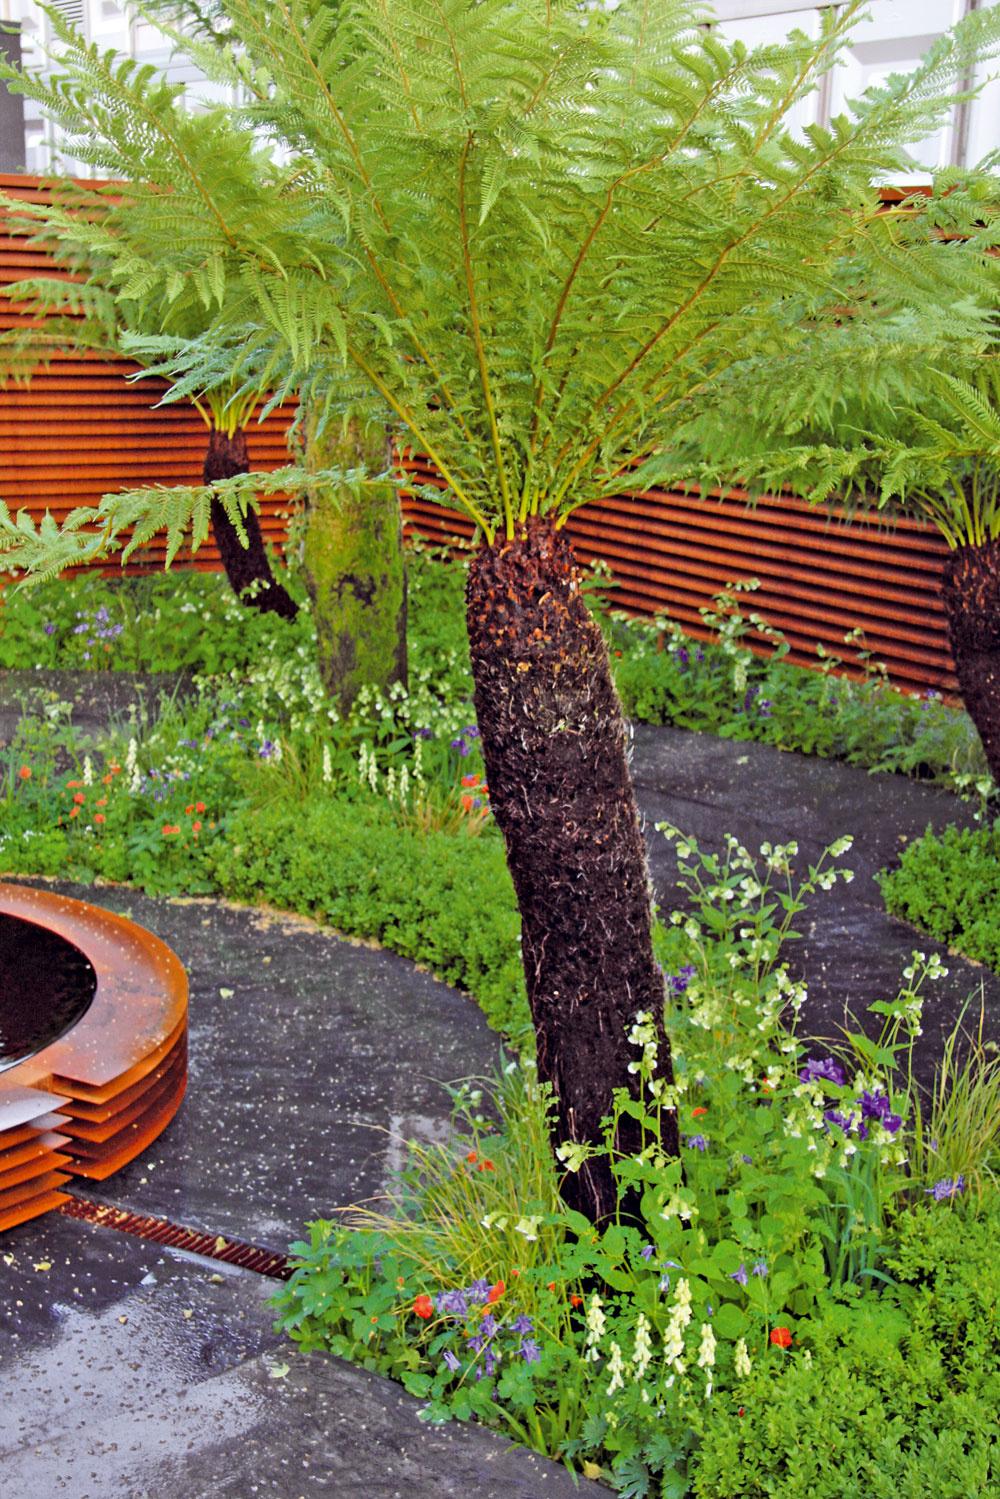 Palmy apaprade Vďaka klimatickým zmenám sa do záhrad dostáva množstvo takých rastlín, ktoré by sa vnich vminulosti dlho neohriali. Obľúbené je pestovanie paliem či stromovitých papradí, napríklad diksónií (Dicksonia antartica; na obrázku). Darí sa jej vpolotieni, vo vlhkej ahumusovitej pôde. Je síce mrazuvzdorná až do –12 °C, no predsa len potrebuje kvalitné zazimovanie.